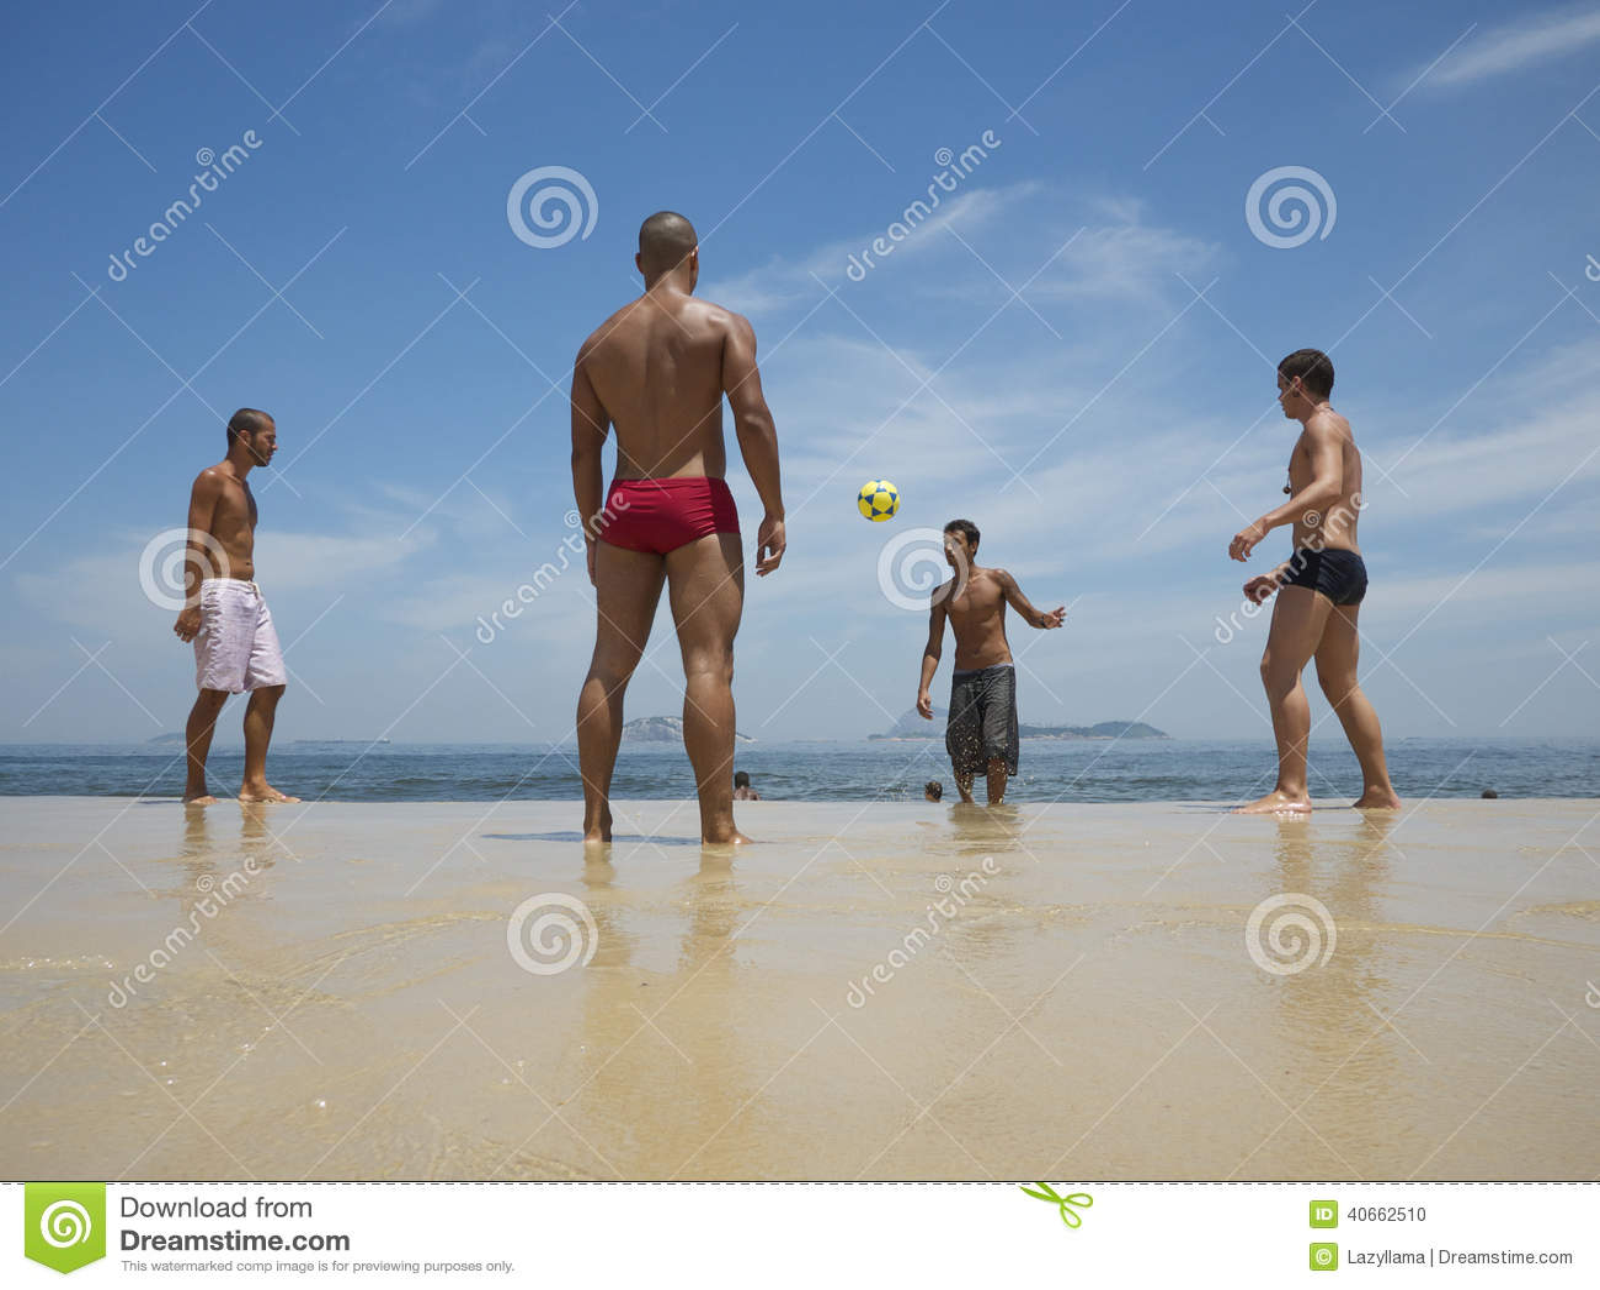 The expert, Men on brazilian beaches good message